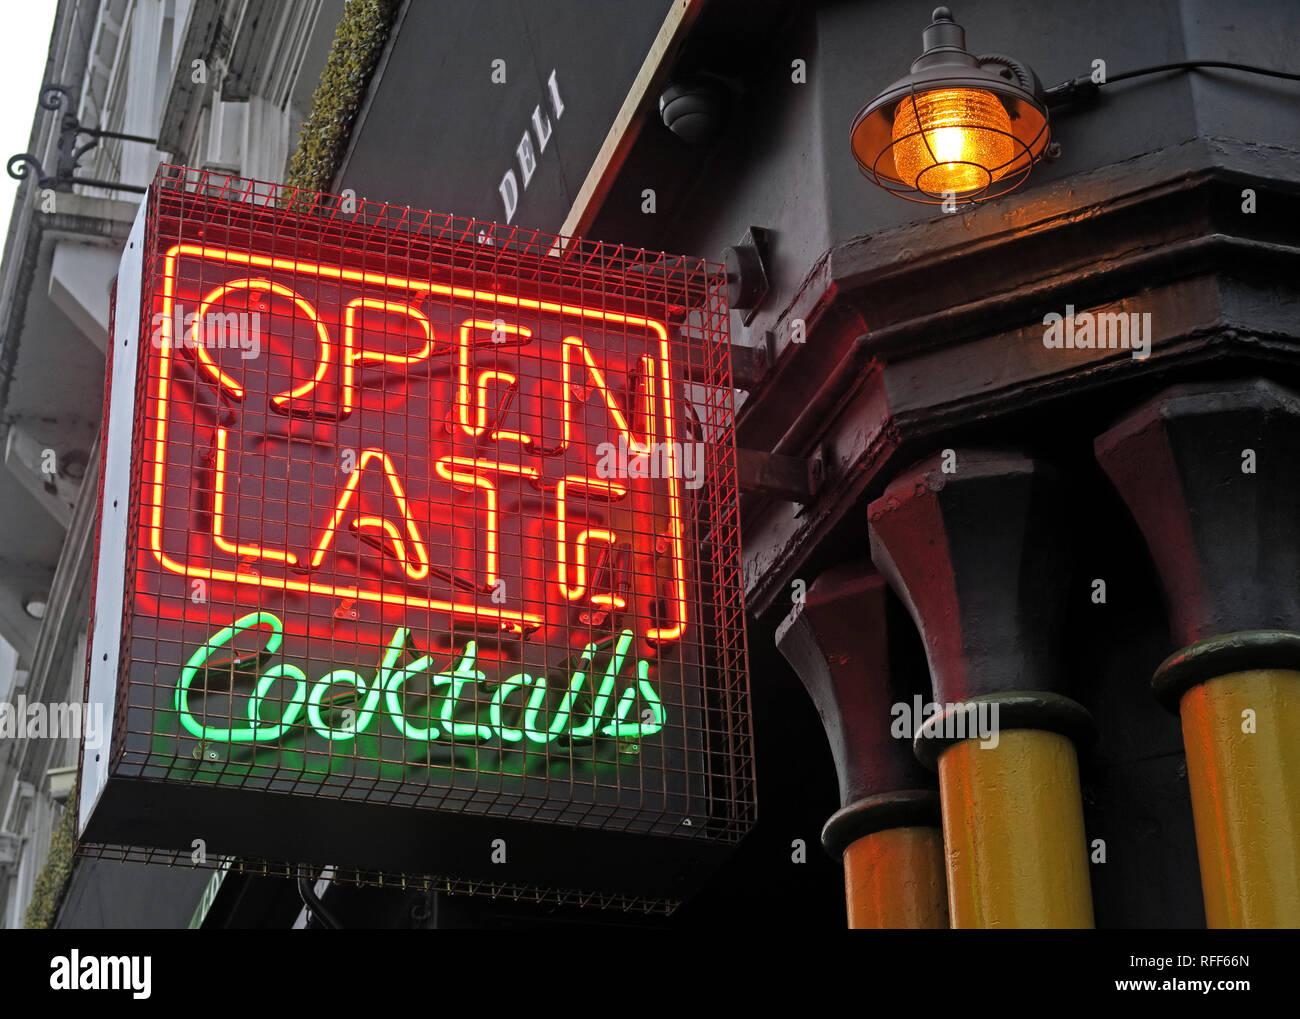 Laden Sie dieses Alamy Stockfoto Bis spät in die Nacht geöffnet. Angeboten werden Cocktails, Cocktail Bar Leuchtreklame, Stevenson Square, NorthernQuarter, Manchester, England, UK, M 1 1 DN - RFF66N